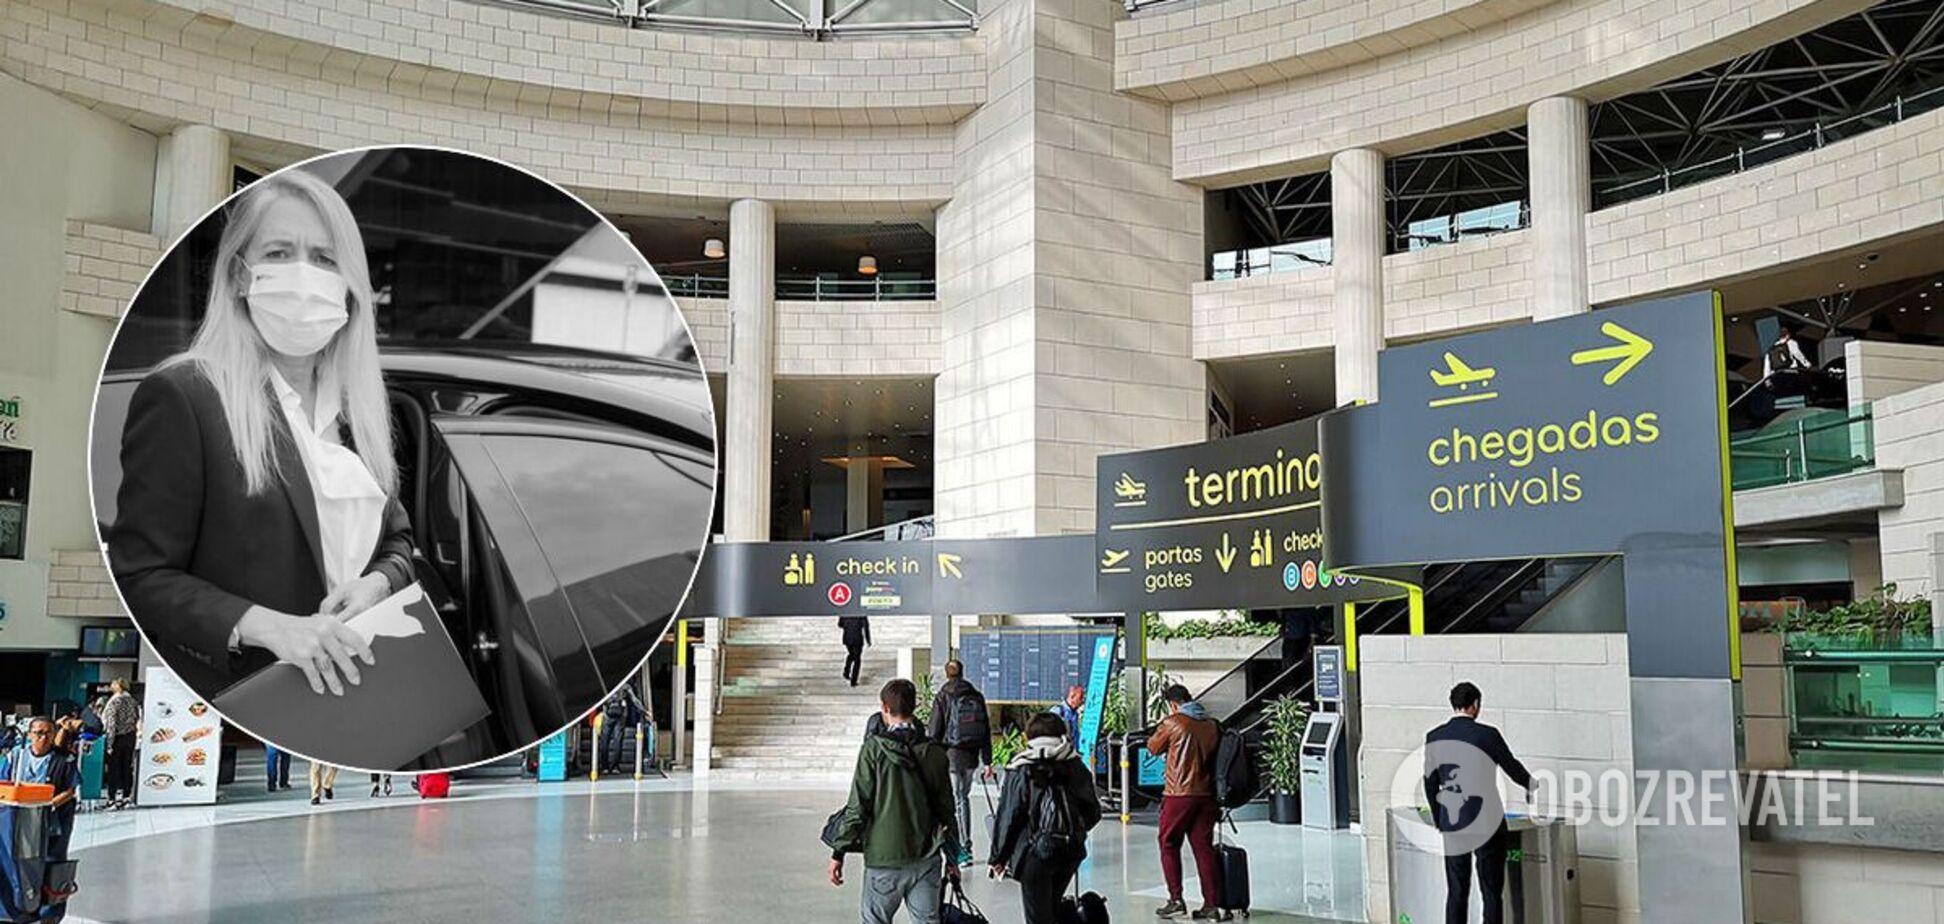 Украинец умер после задержания в аэропорту Лиссабона